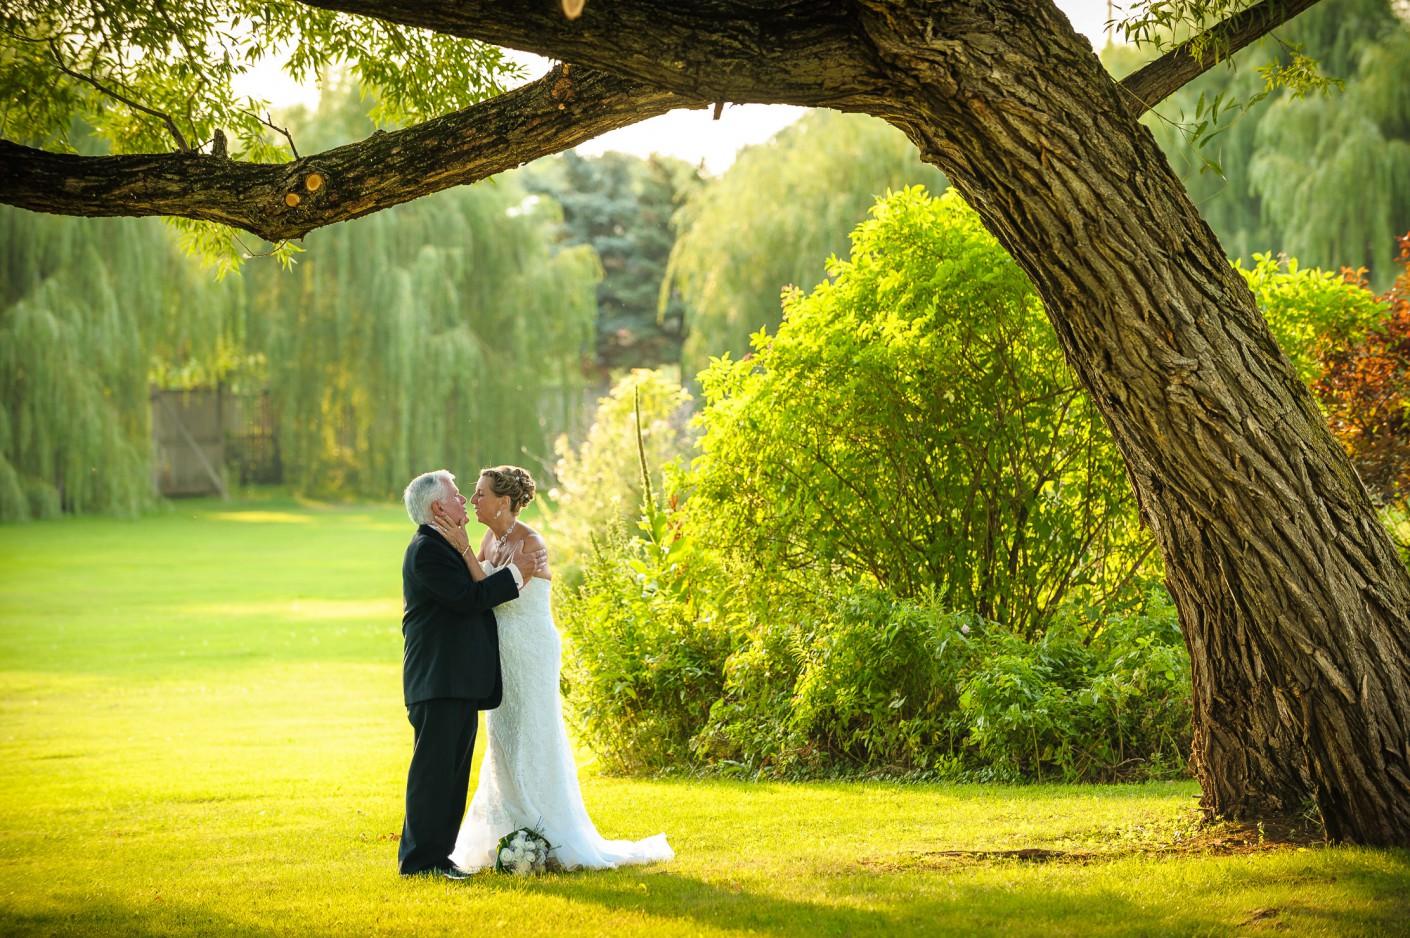 Mariage : L'amour n'a pas d'âge